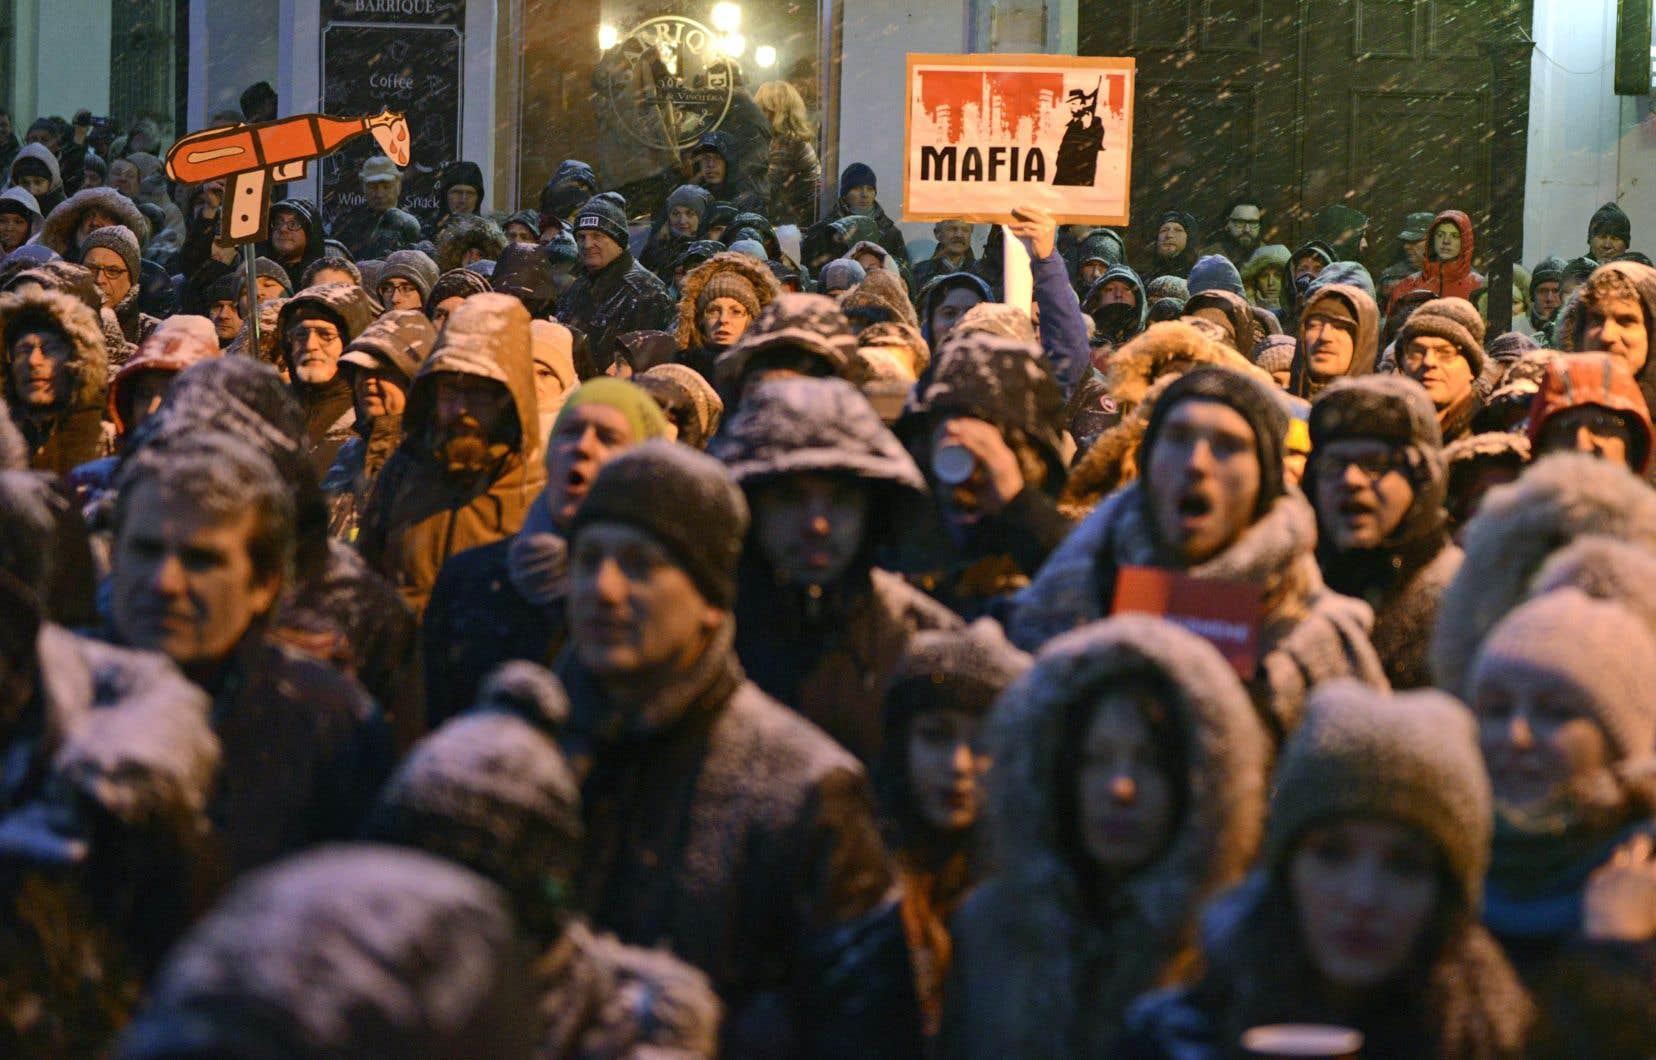 Des milliers de personnes ont participé vendredi à des manifestations anticorruption, organisées à travers la Slovaquie.